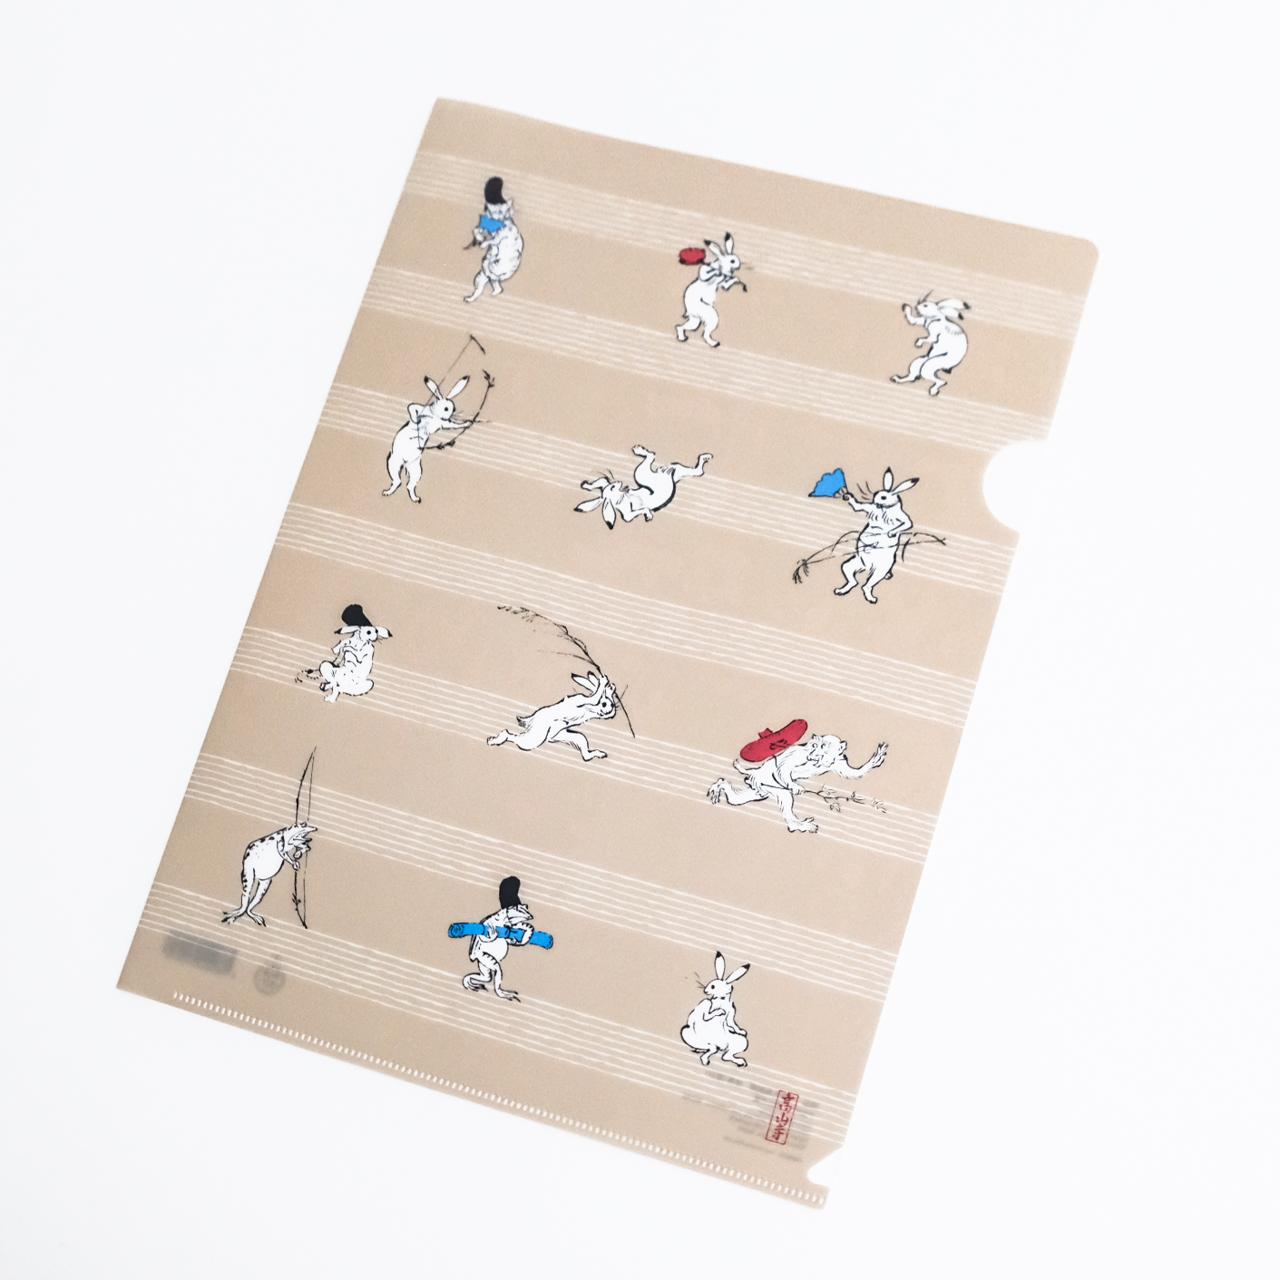 鳥獣戯画 A4ファイル 茶格子